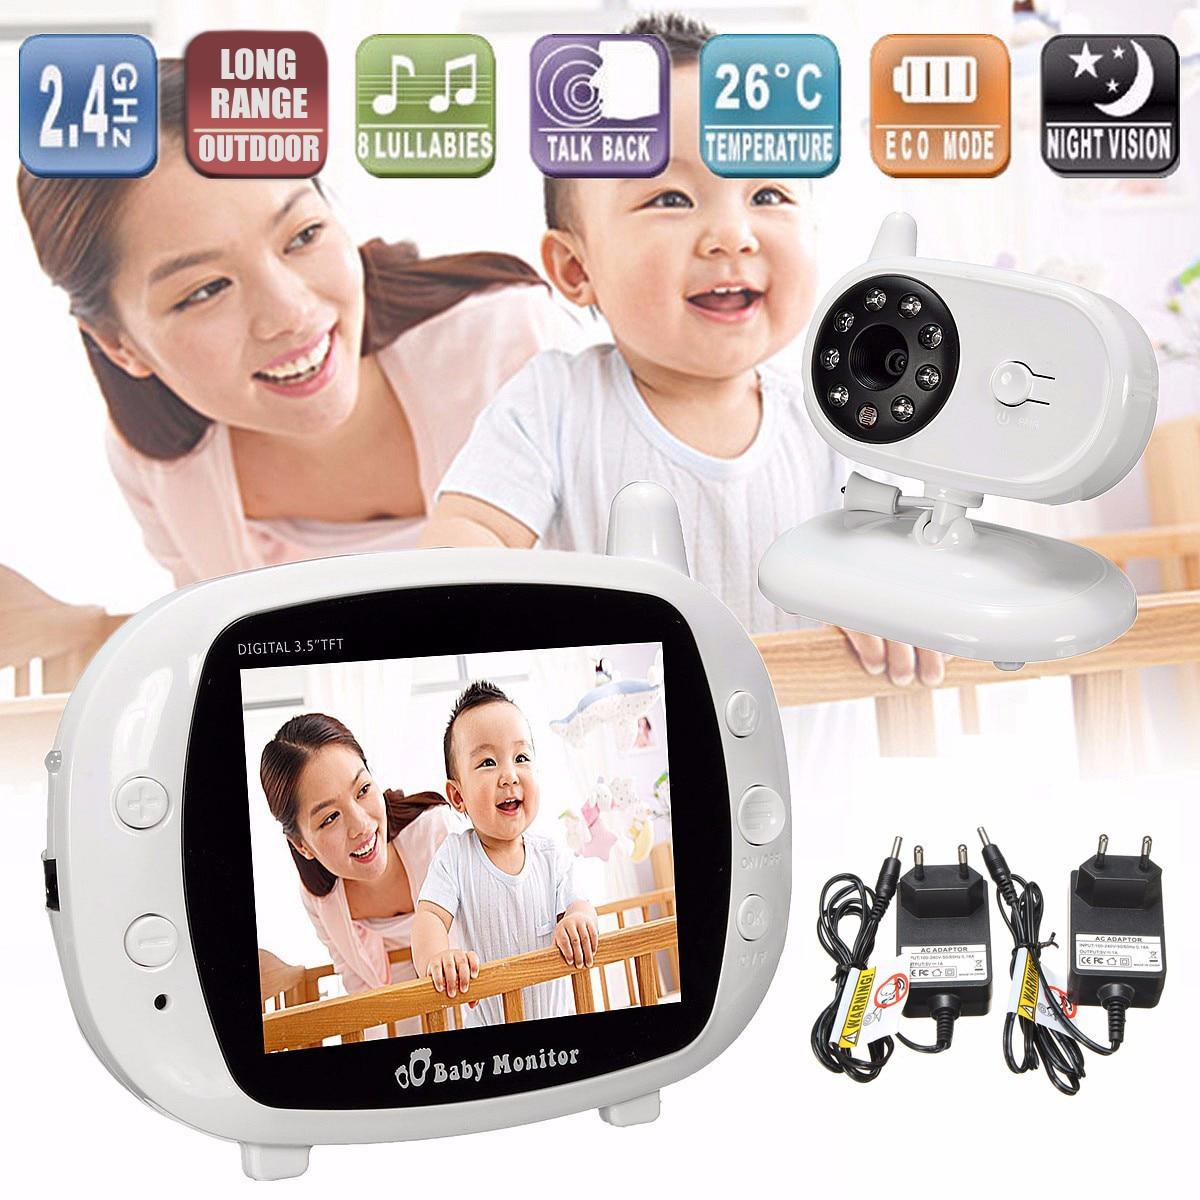 2,4g inalámbrico Digital de 3,5 LCD Monitor de bebé Cámara 2 Audio bidireccional Talk Video visión nocturna WIFI niñera temperatura de seguridad